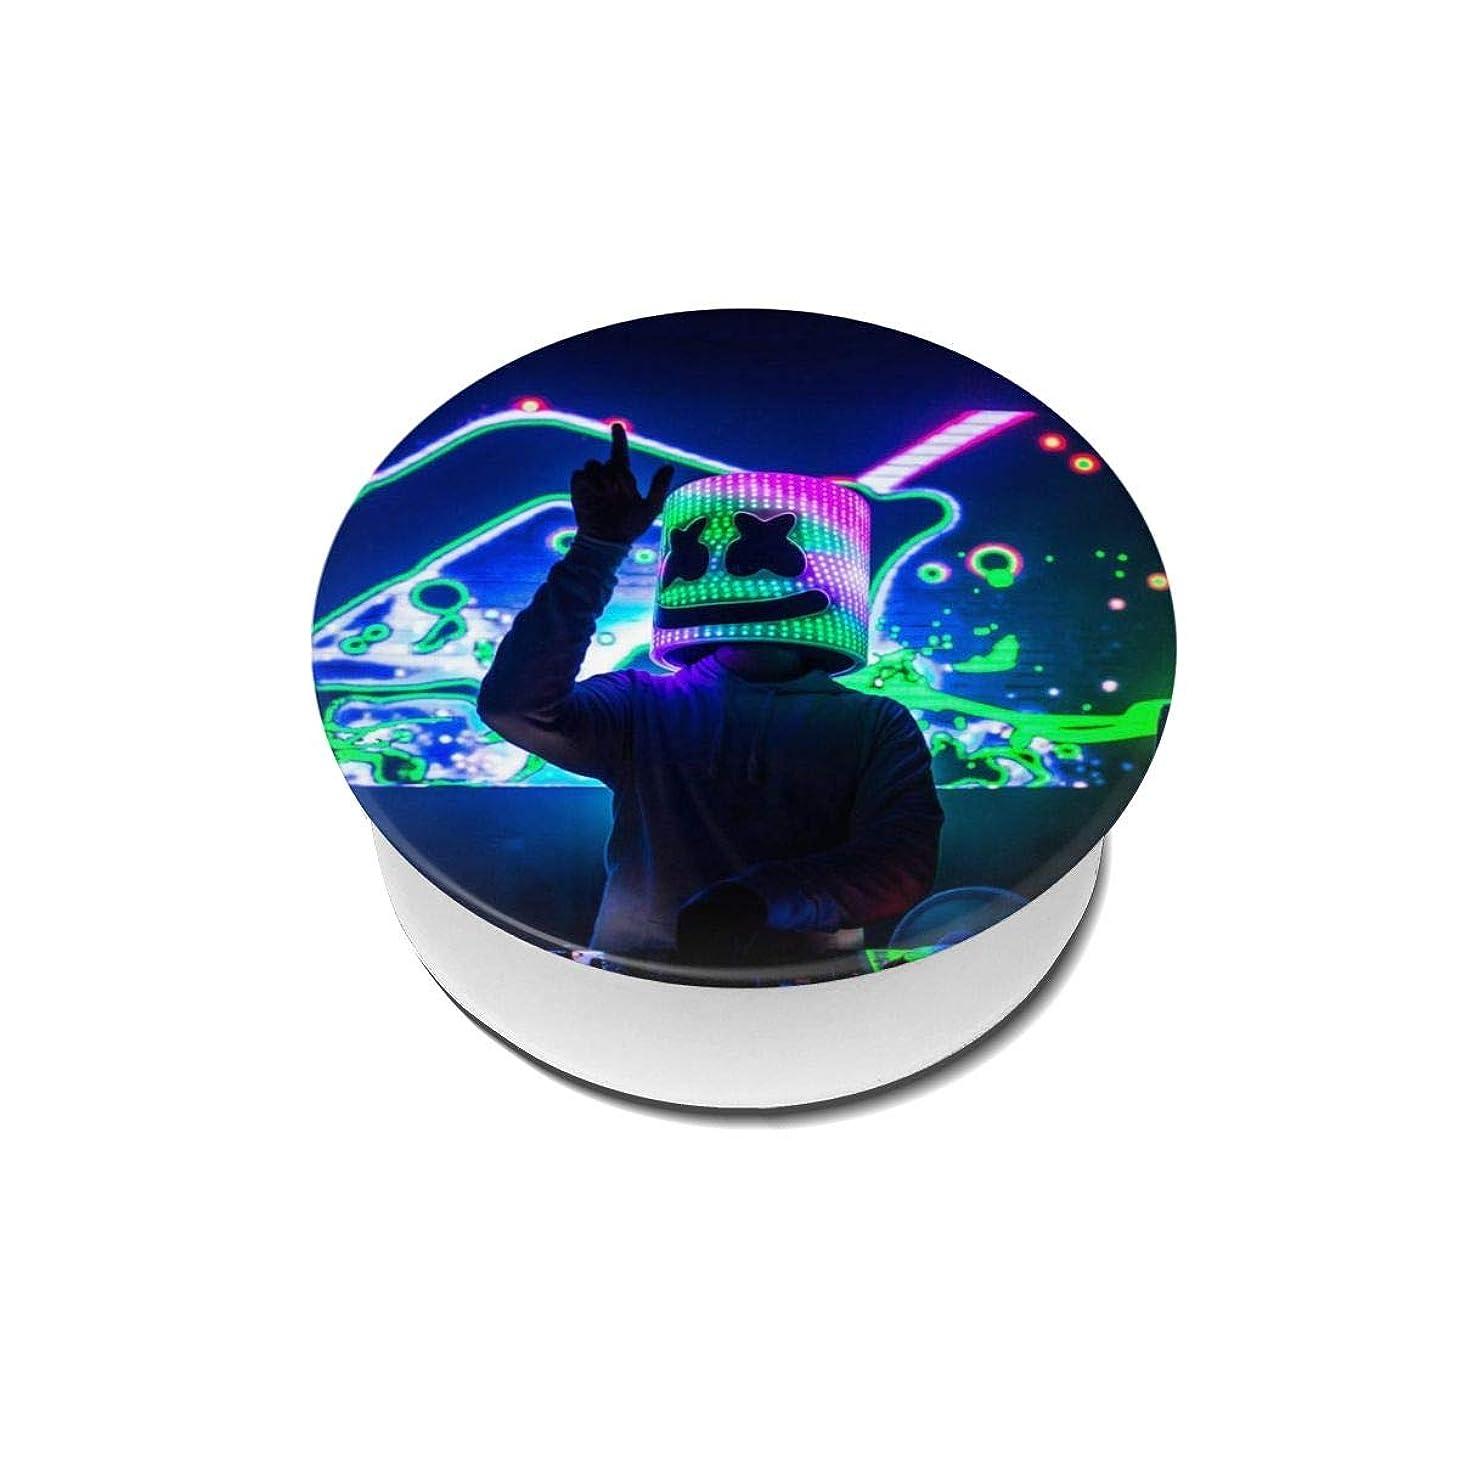 禁止ライトニング酸っぱいYinian 4個入リ マシュメロ Marshmello スマホリング/スマホスタンド/スマホグリップ/スマホアクセサリー バンカーリング スマホ リング おしゃれ ホールドリング 薄型 スタンド機能 ホルダー 落下防止 軽い 各種他対応/iPhone/Android(2pcs入リ)